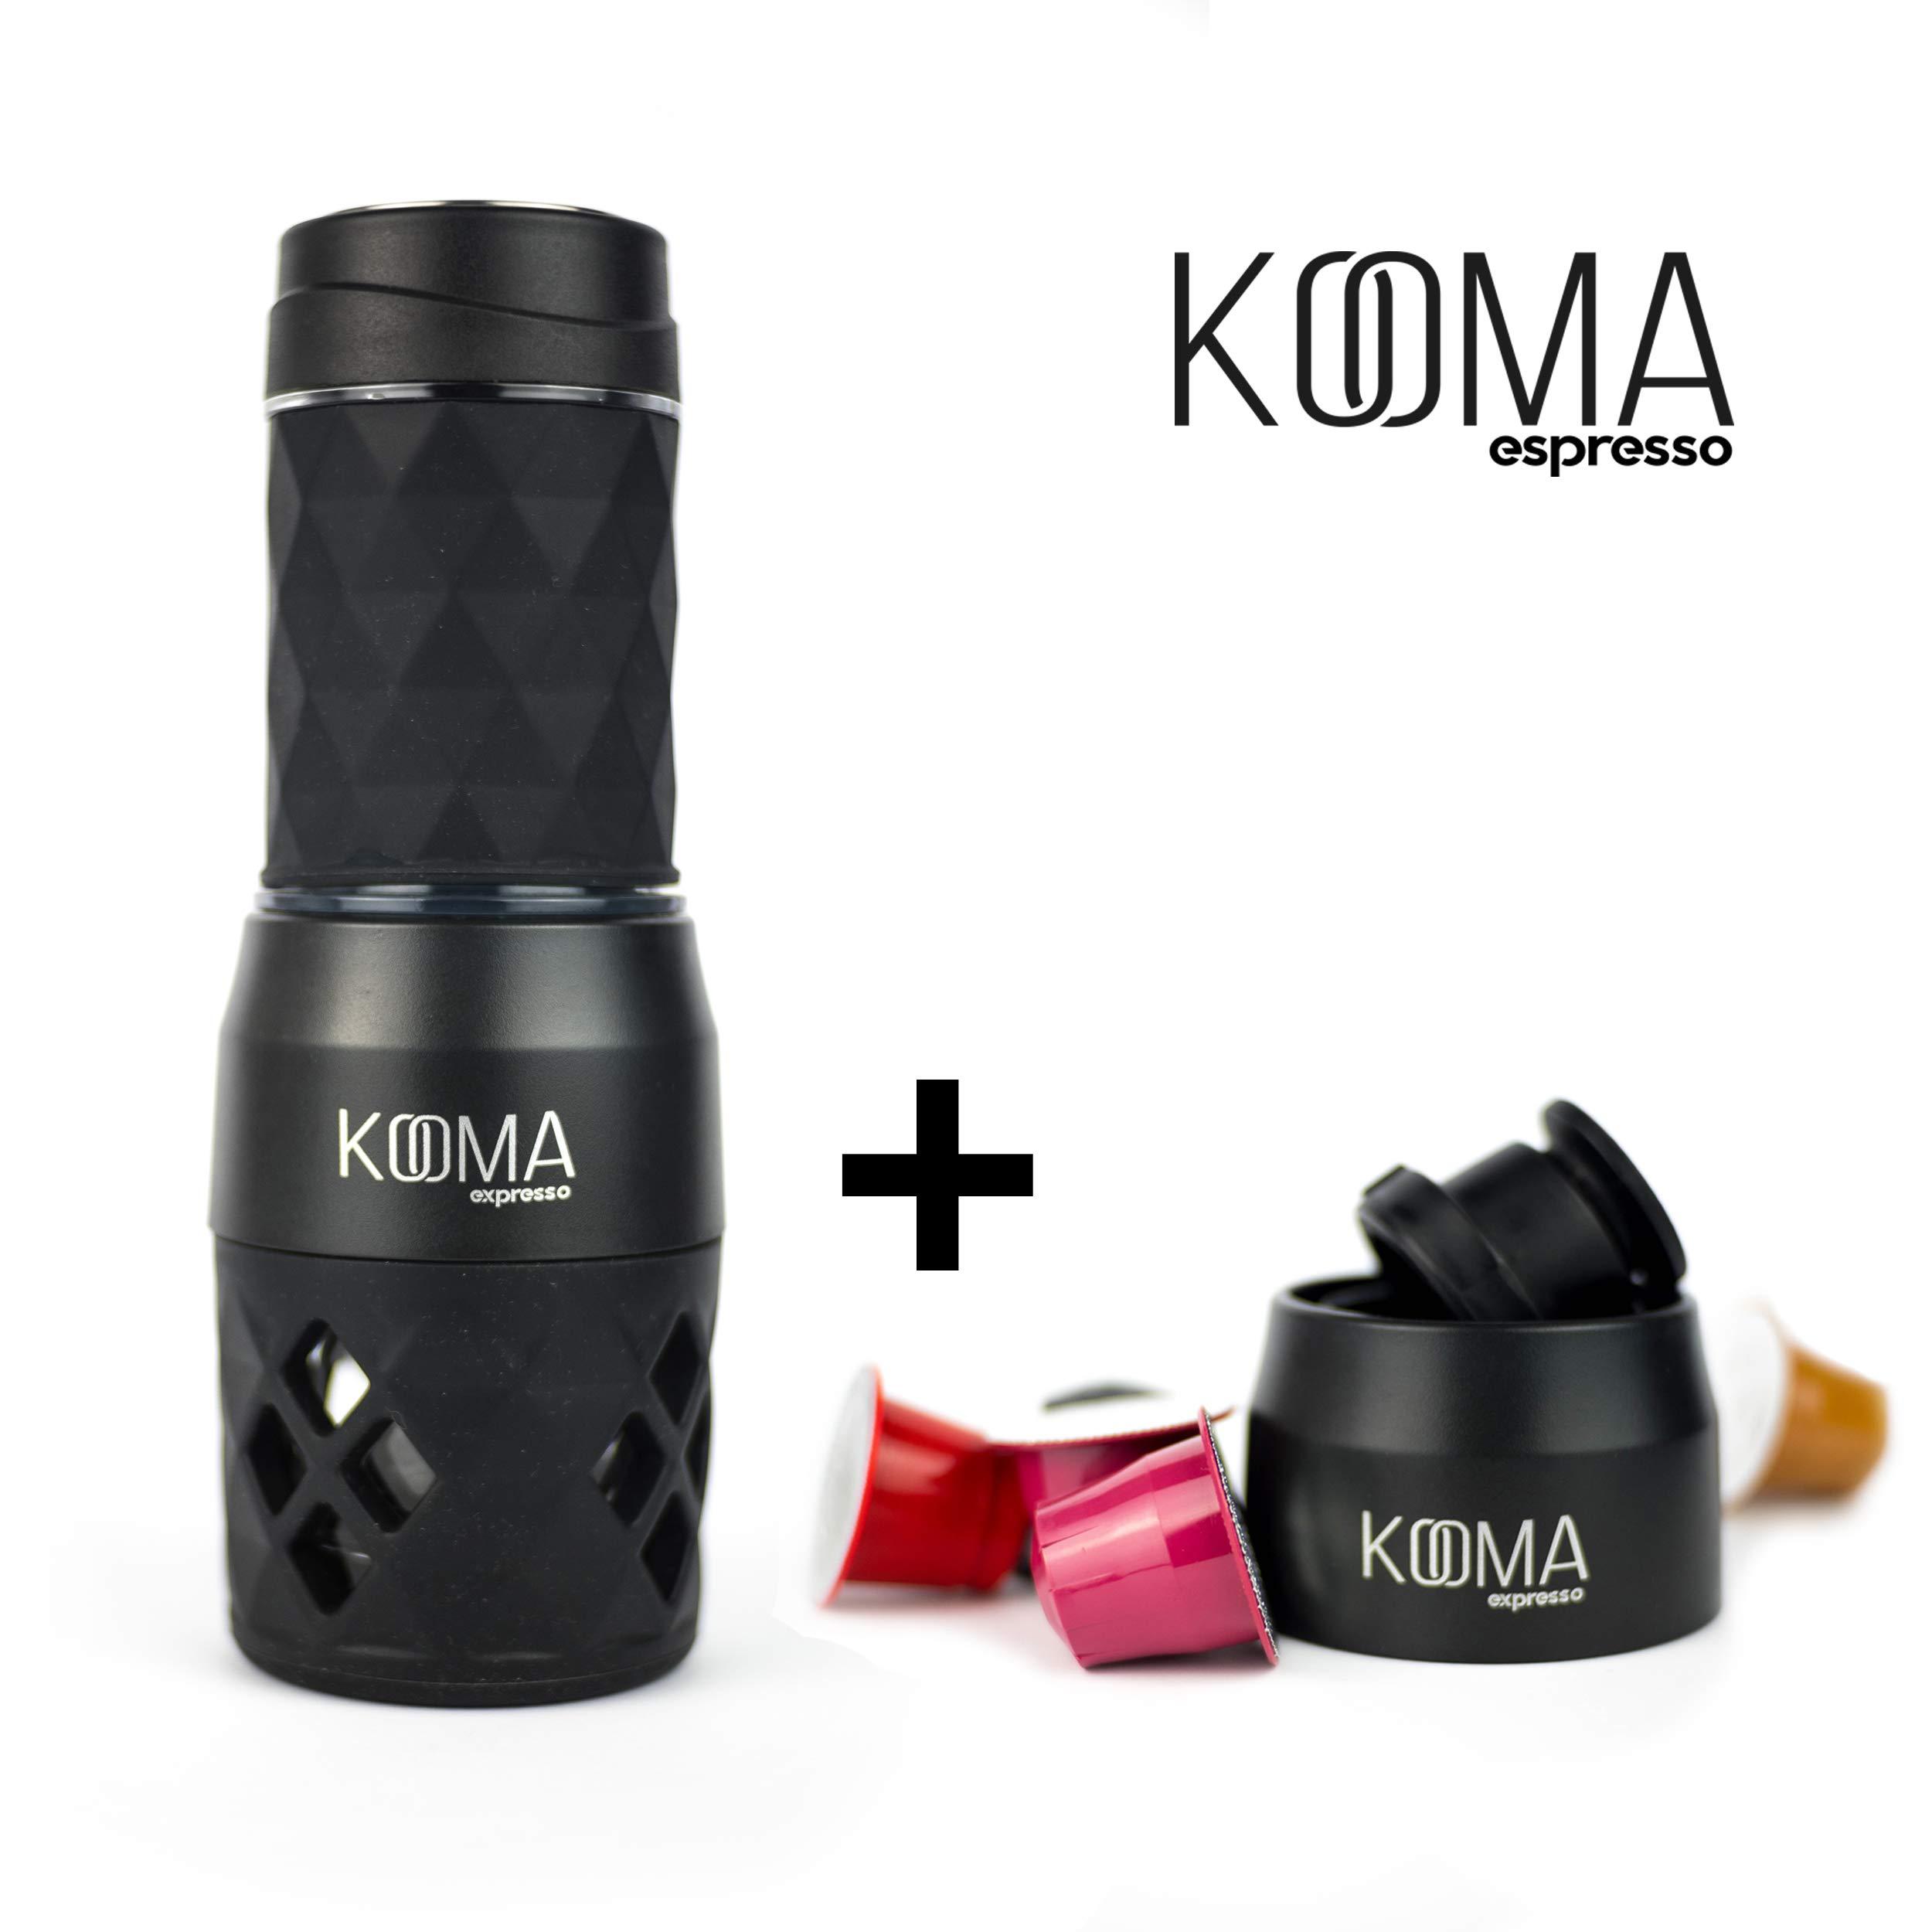 Cafetera portátil espresso, para capsulas compatibles NS y café molido, máquina de café capsulas y café molido, 19 bares de presión manual, ideal para salidas al aire libre, camping o trabajo: Amazon.es: